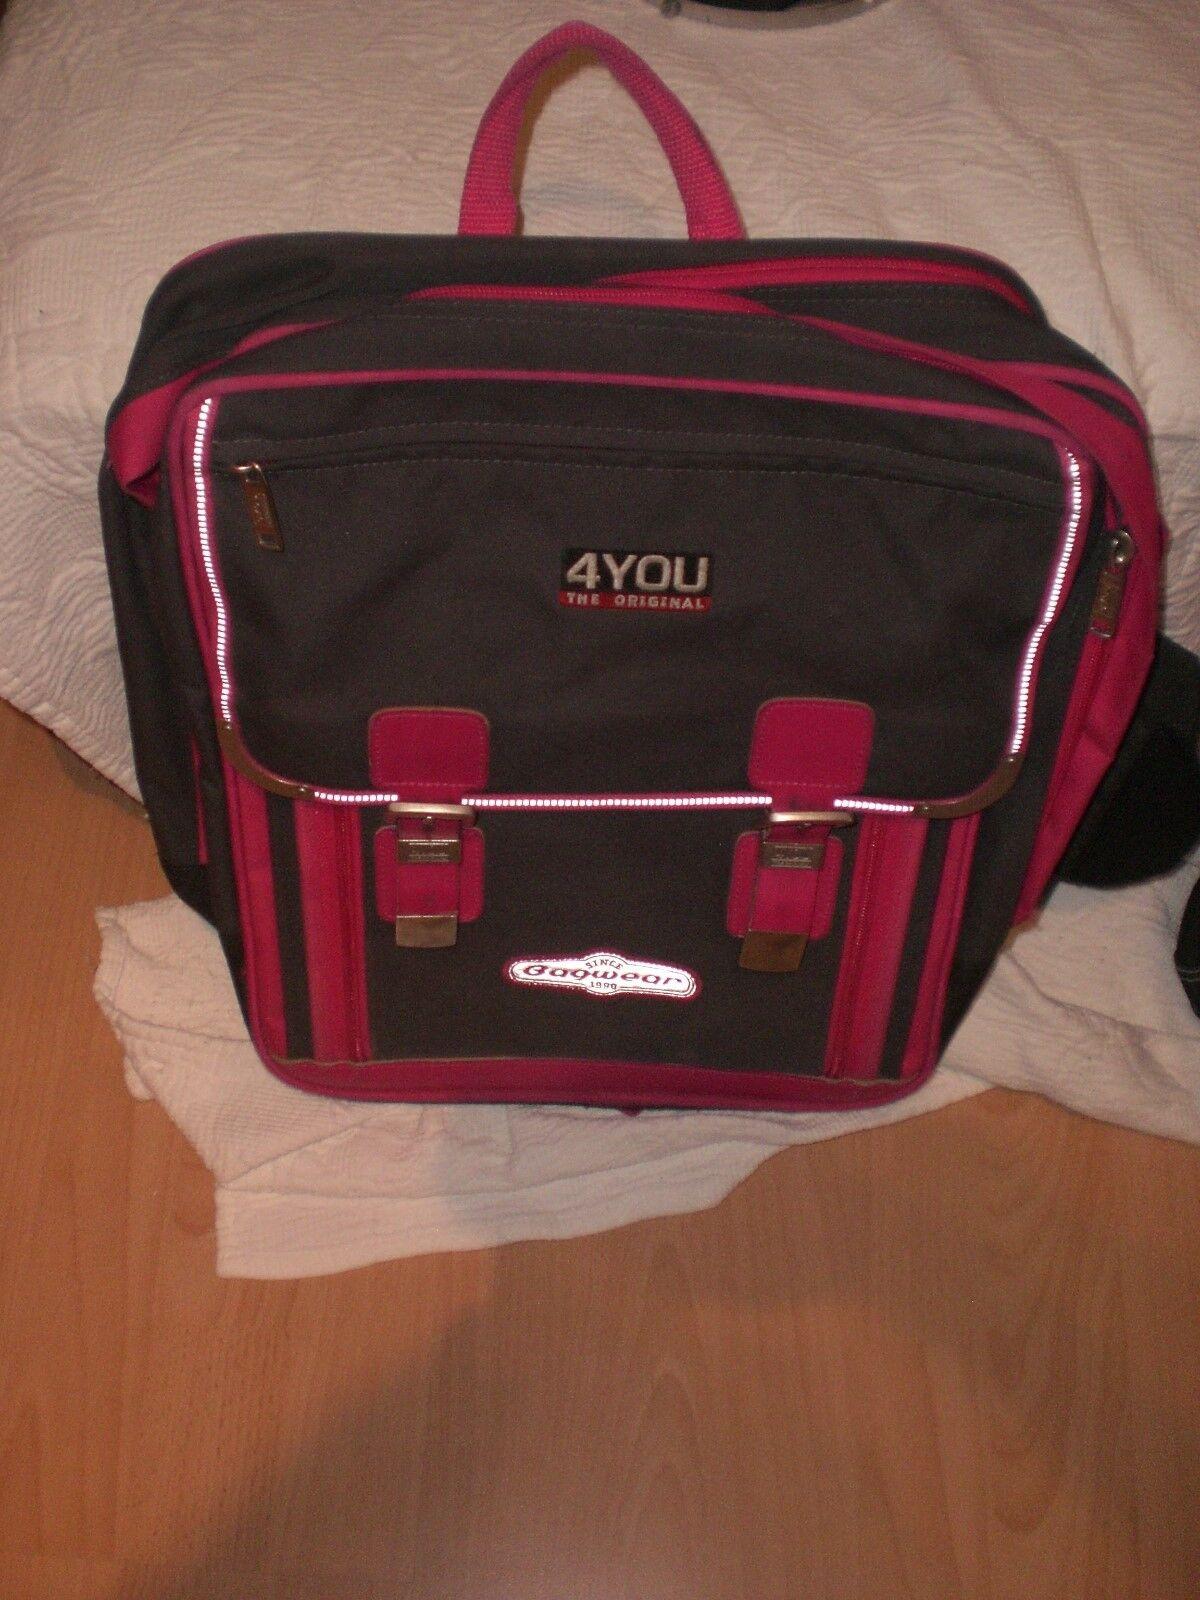 Schulranzen For You 4 You mit Reflektoren +  Schul - Sport-Tasche mit Etikett   Verschiedene Arten und Stile    Export    Hochwertig